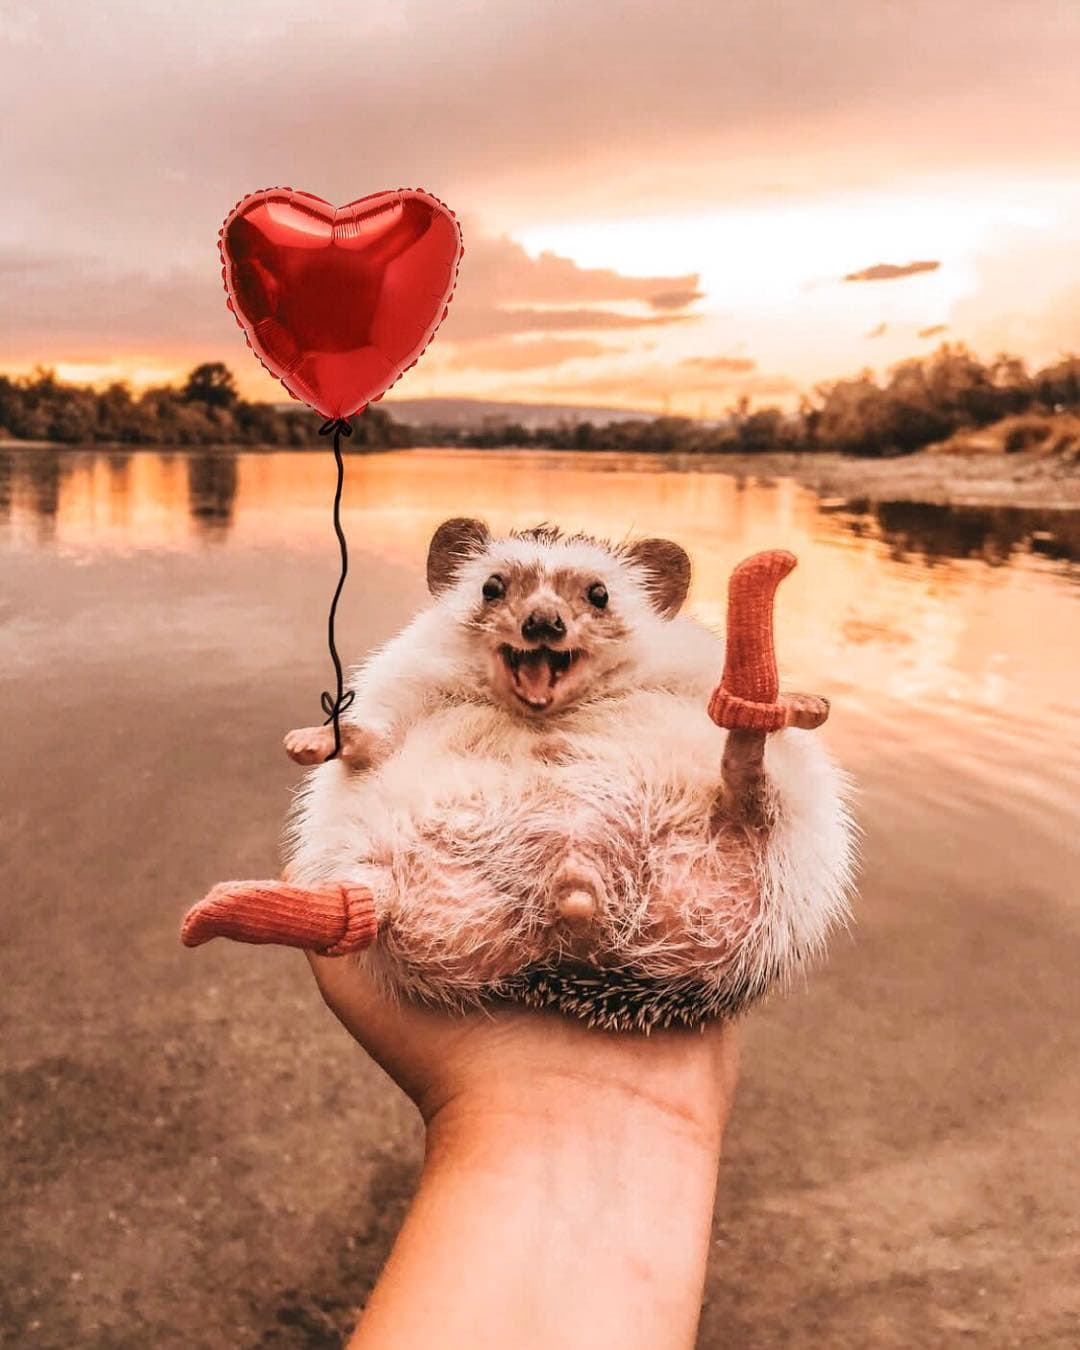 1570456269 8ca55b30478900fb20182b1f630b1390 - 20 снимков очаровательного ежа, который путешествует по миру и завоёвывает людские сердечки